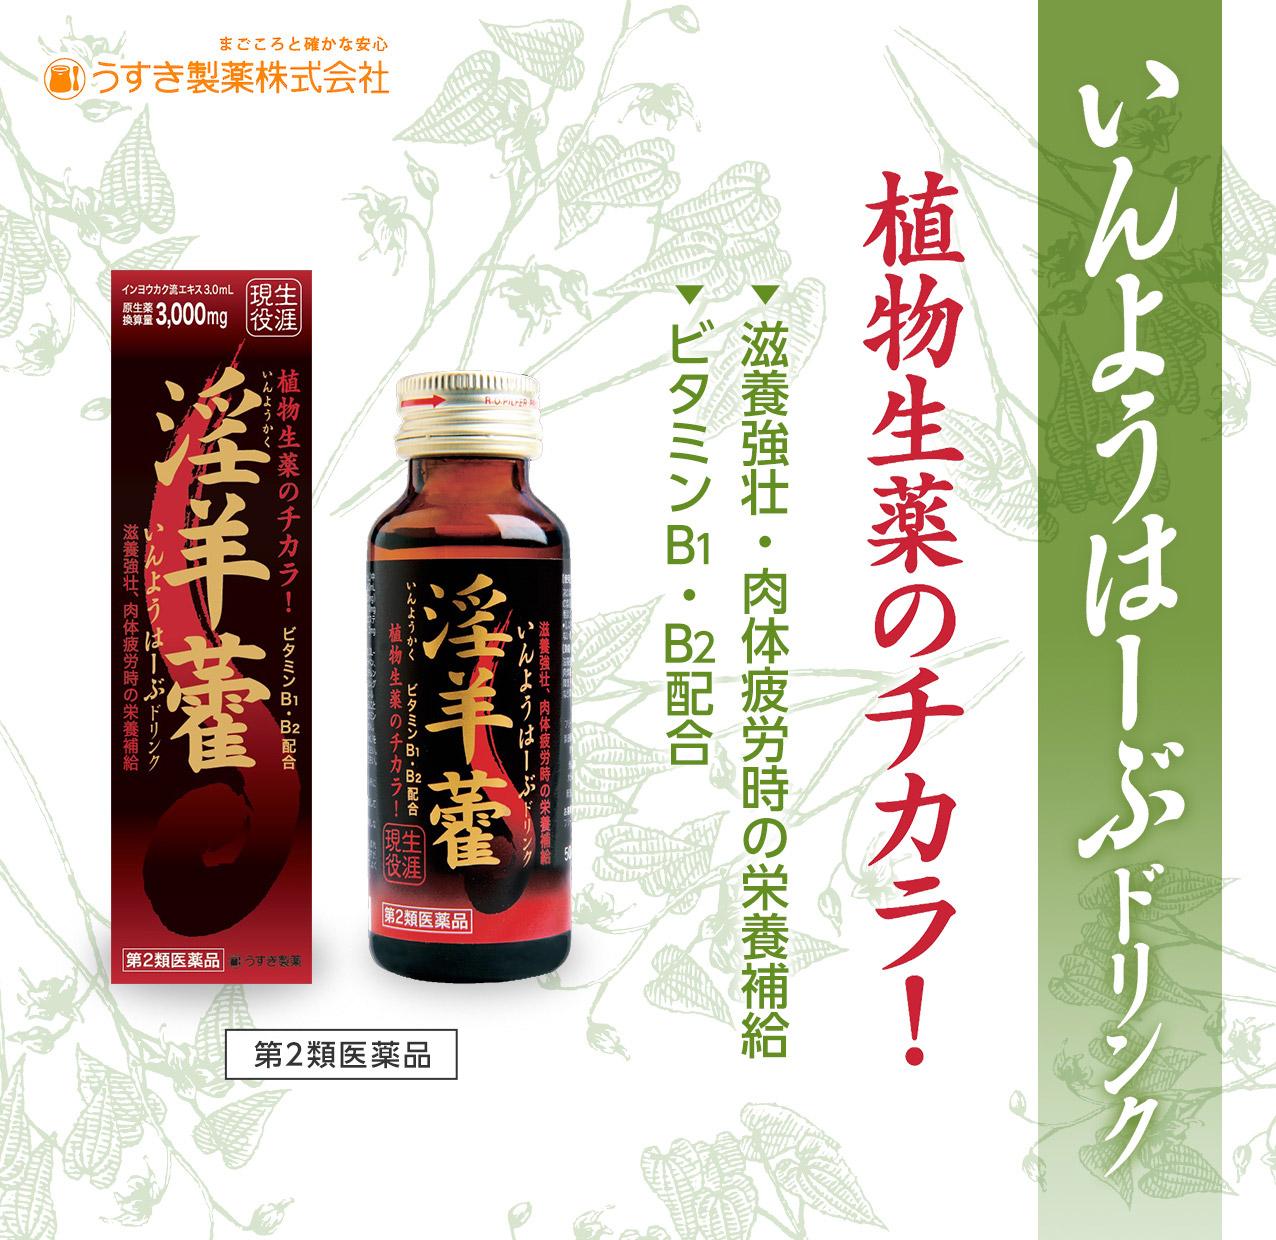 いんようはーぶドリンク 植物生薬のチカラ! 滋養強壮・肉体疲労時の栄養補給 ビタミンB1・B2配合